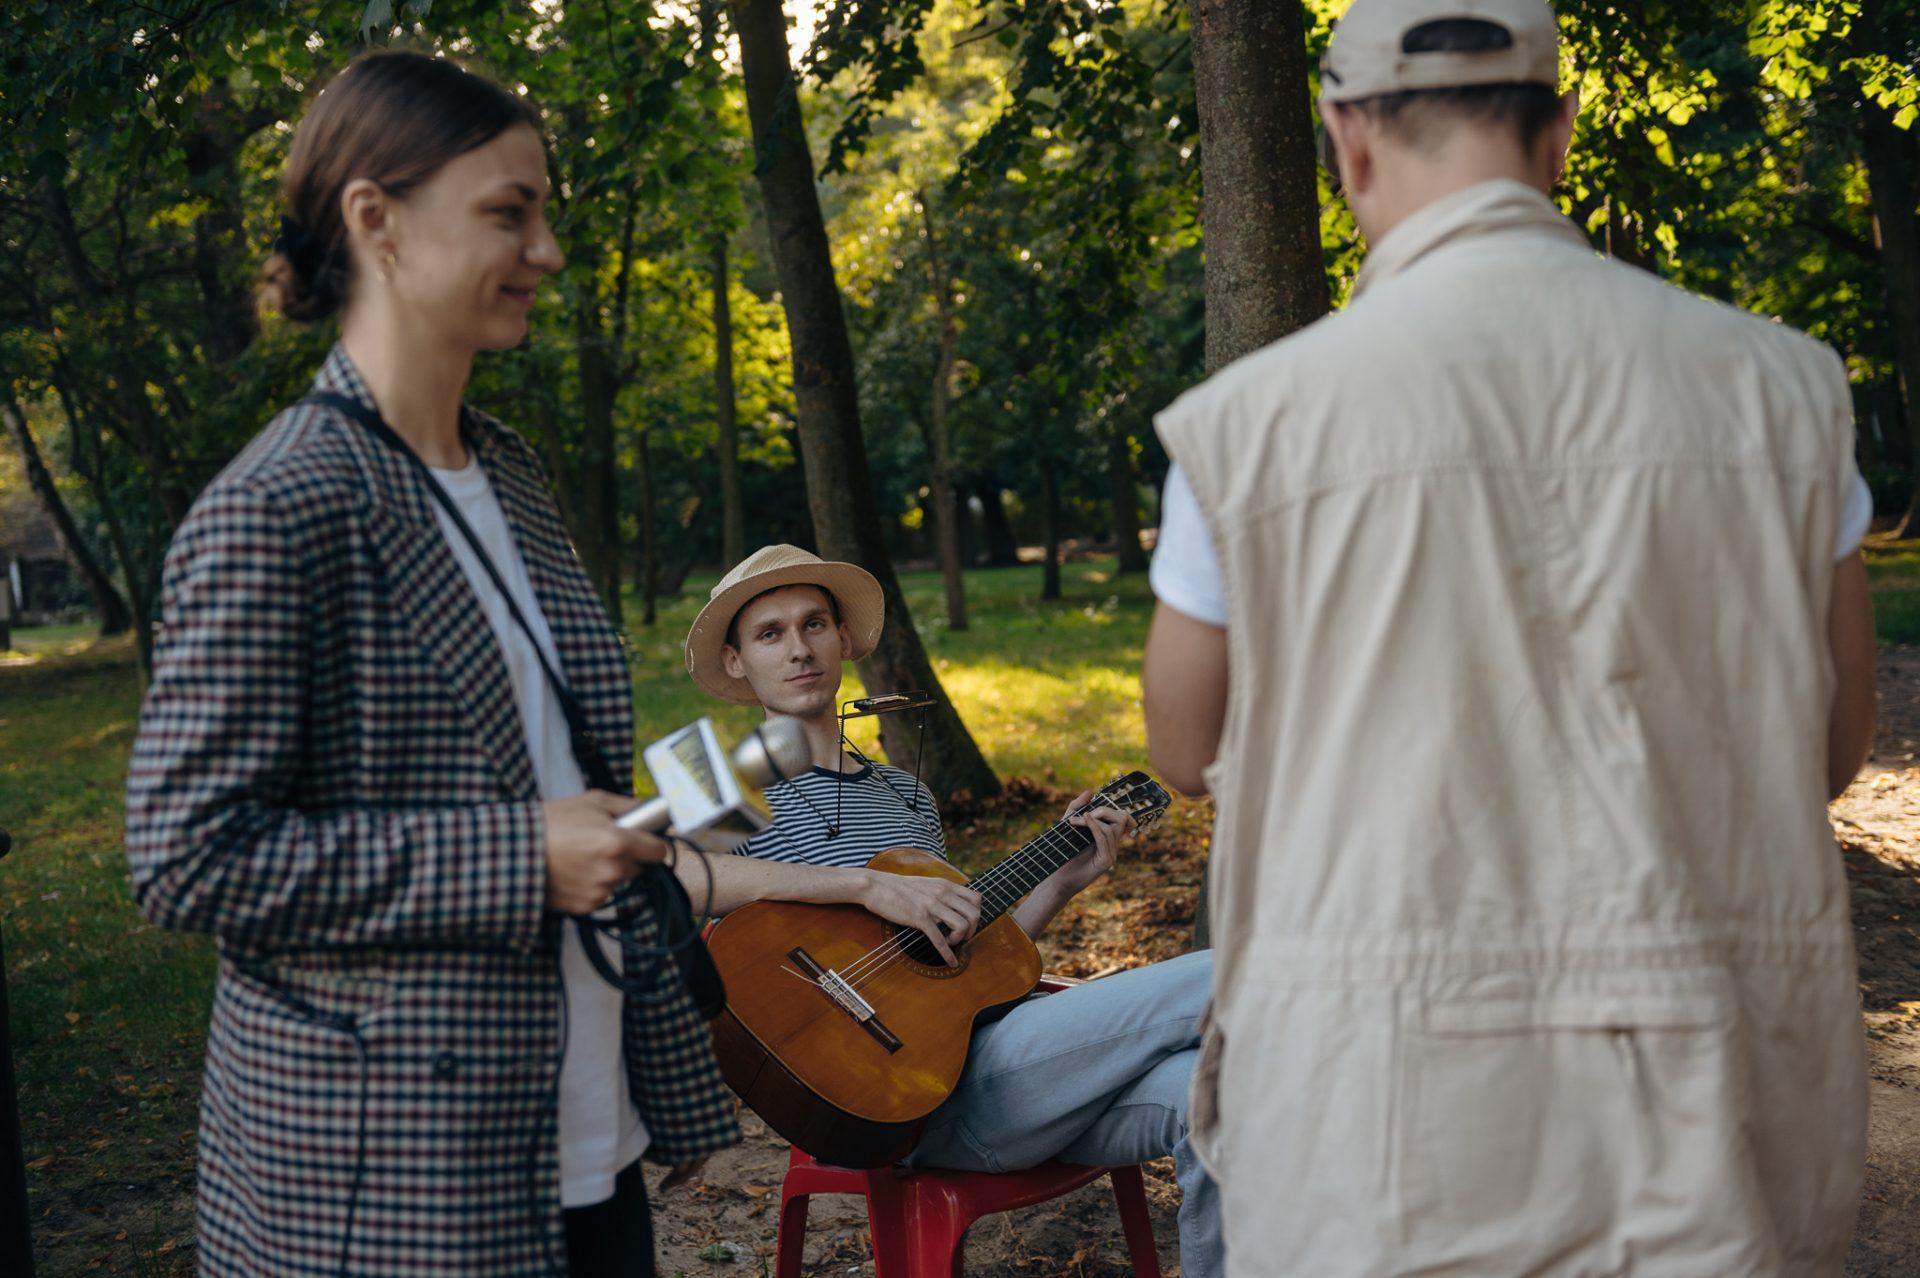 Trzy postacie w zielonym parku, na pierwszym planie młoda uśmiechnięta kobieta z mikrofonem w ręce oraz mężczyzna w piaskowej katanie stojący tyłem do obiektywu; głębiej siedzi młody mężczyzna w słomkowym kapeluszu, z gitarą i harmonijką ustną